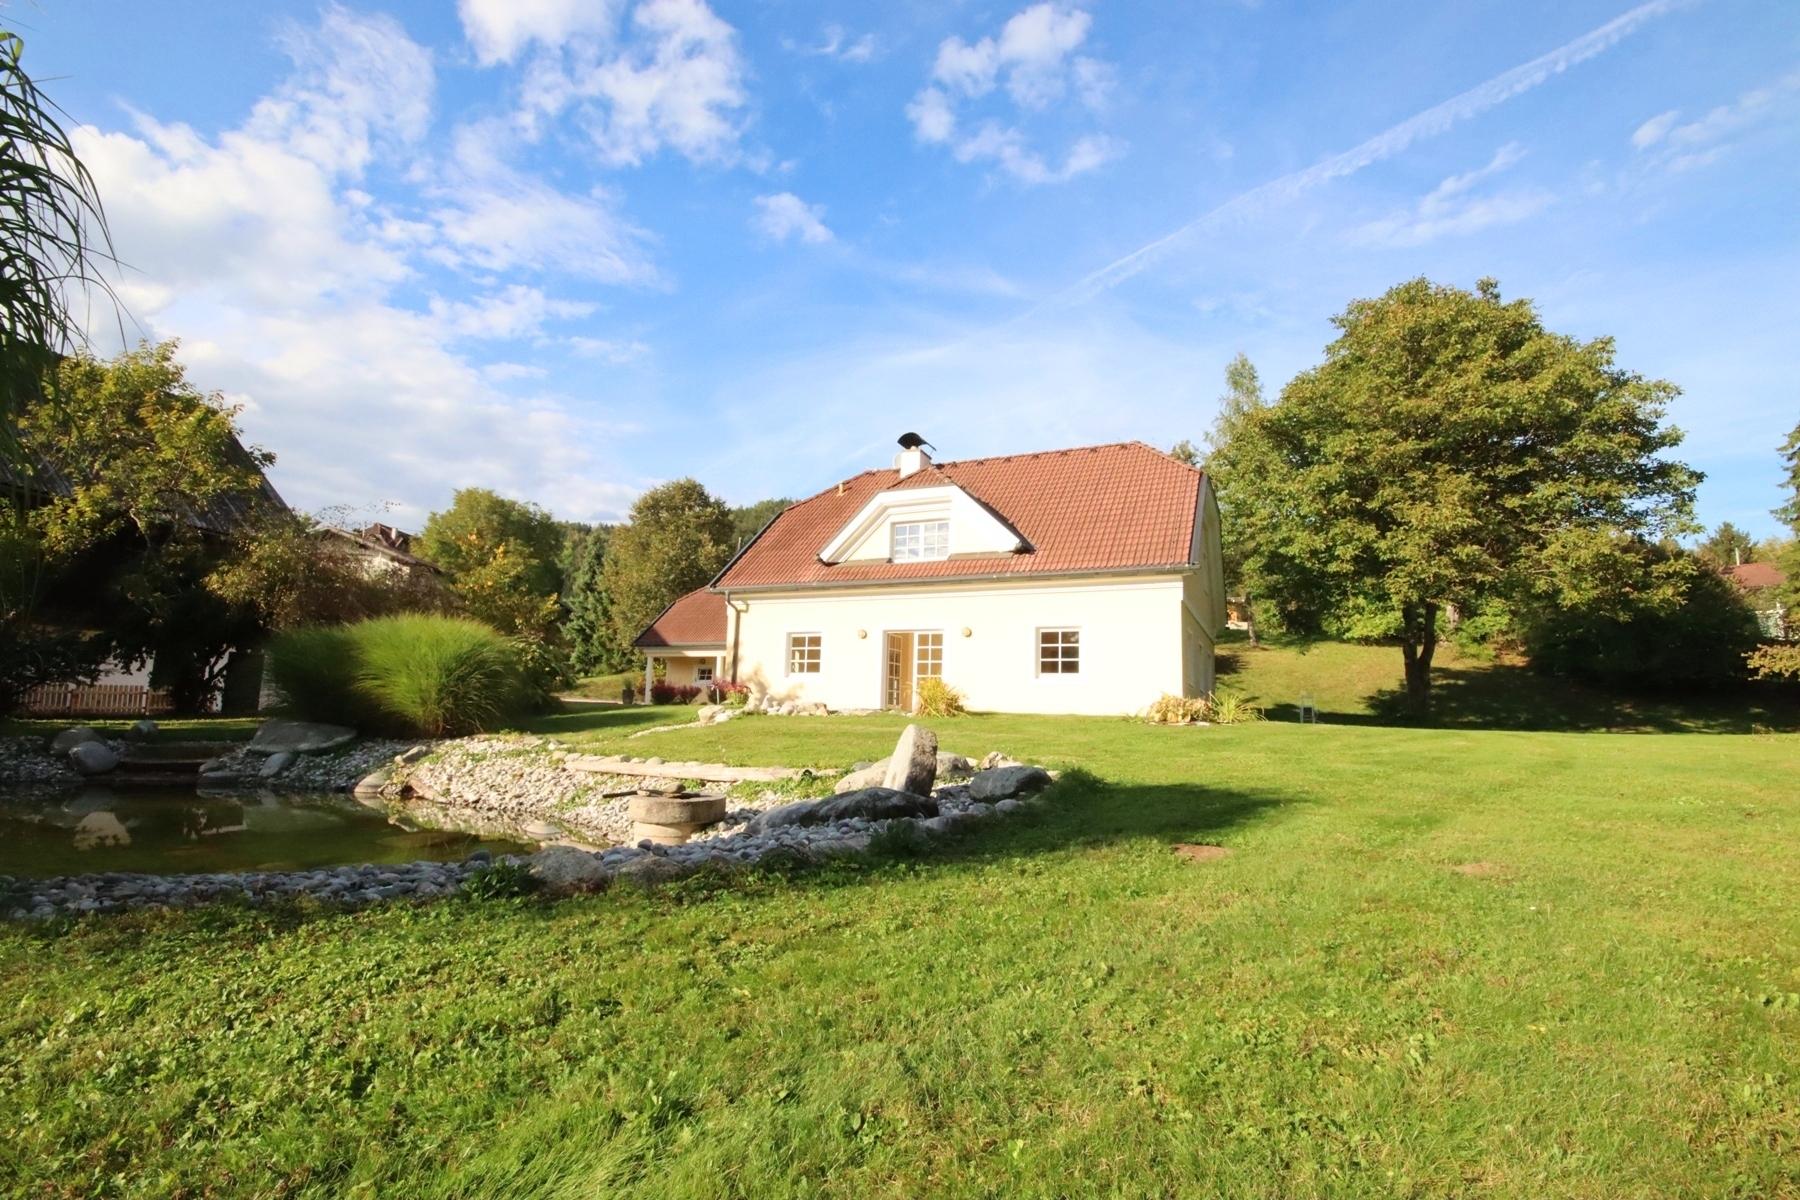 Wunderschönes, komplett renoviertes Landhaus in idyllischer Ruhelage